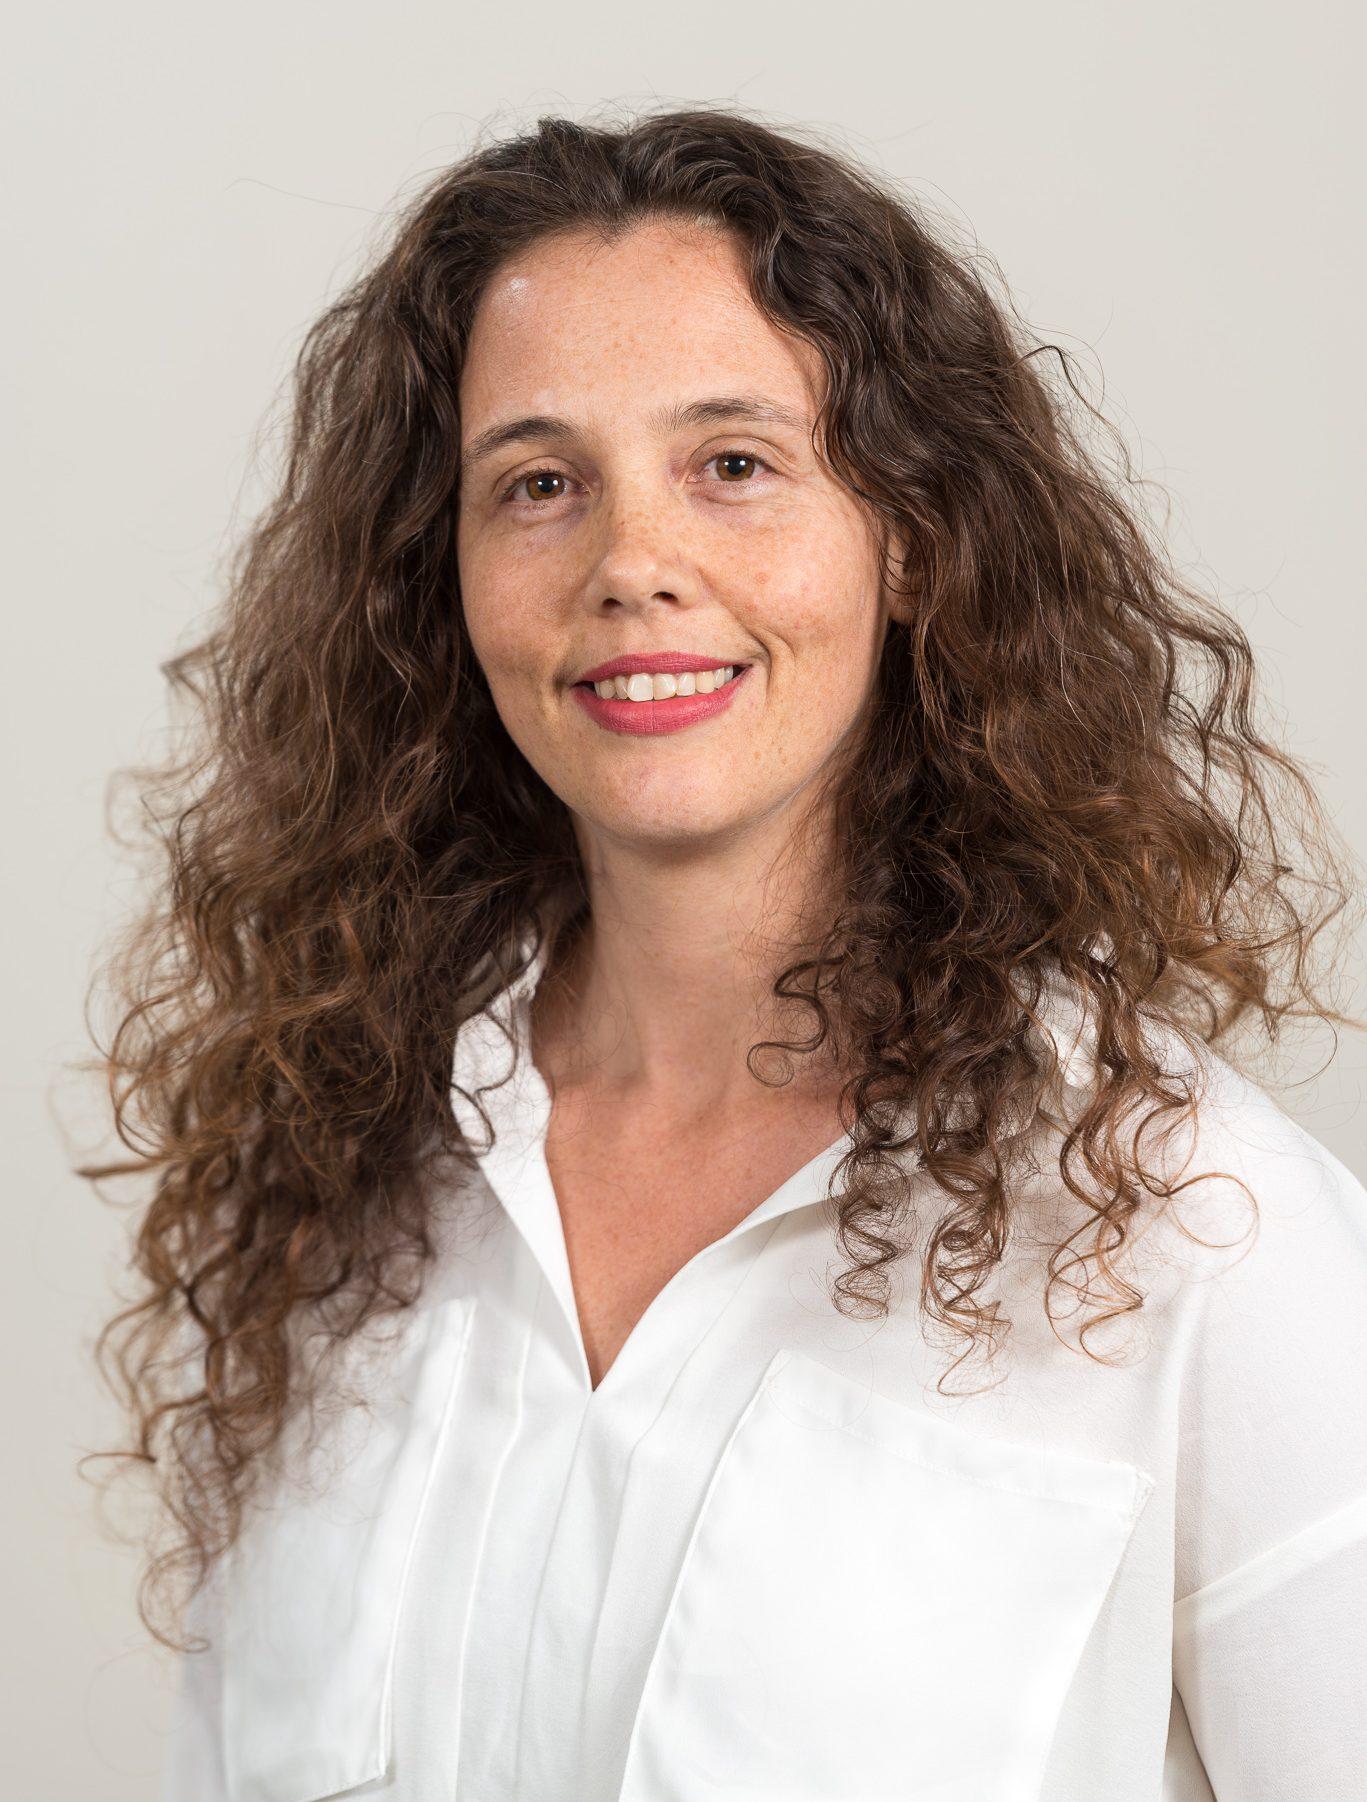 Keren Agay-Shay